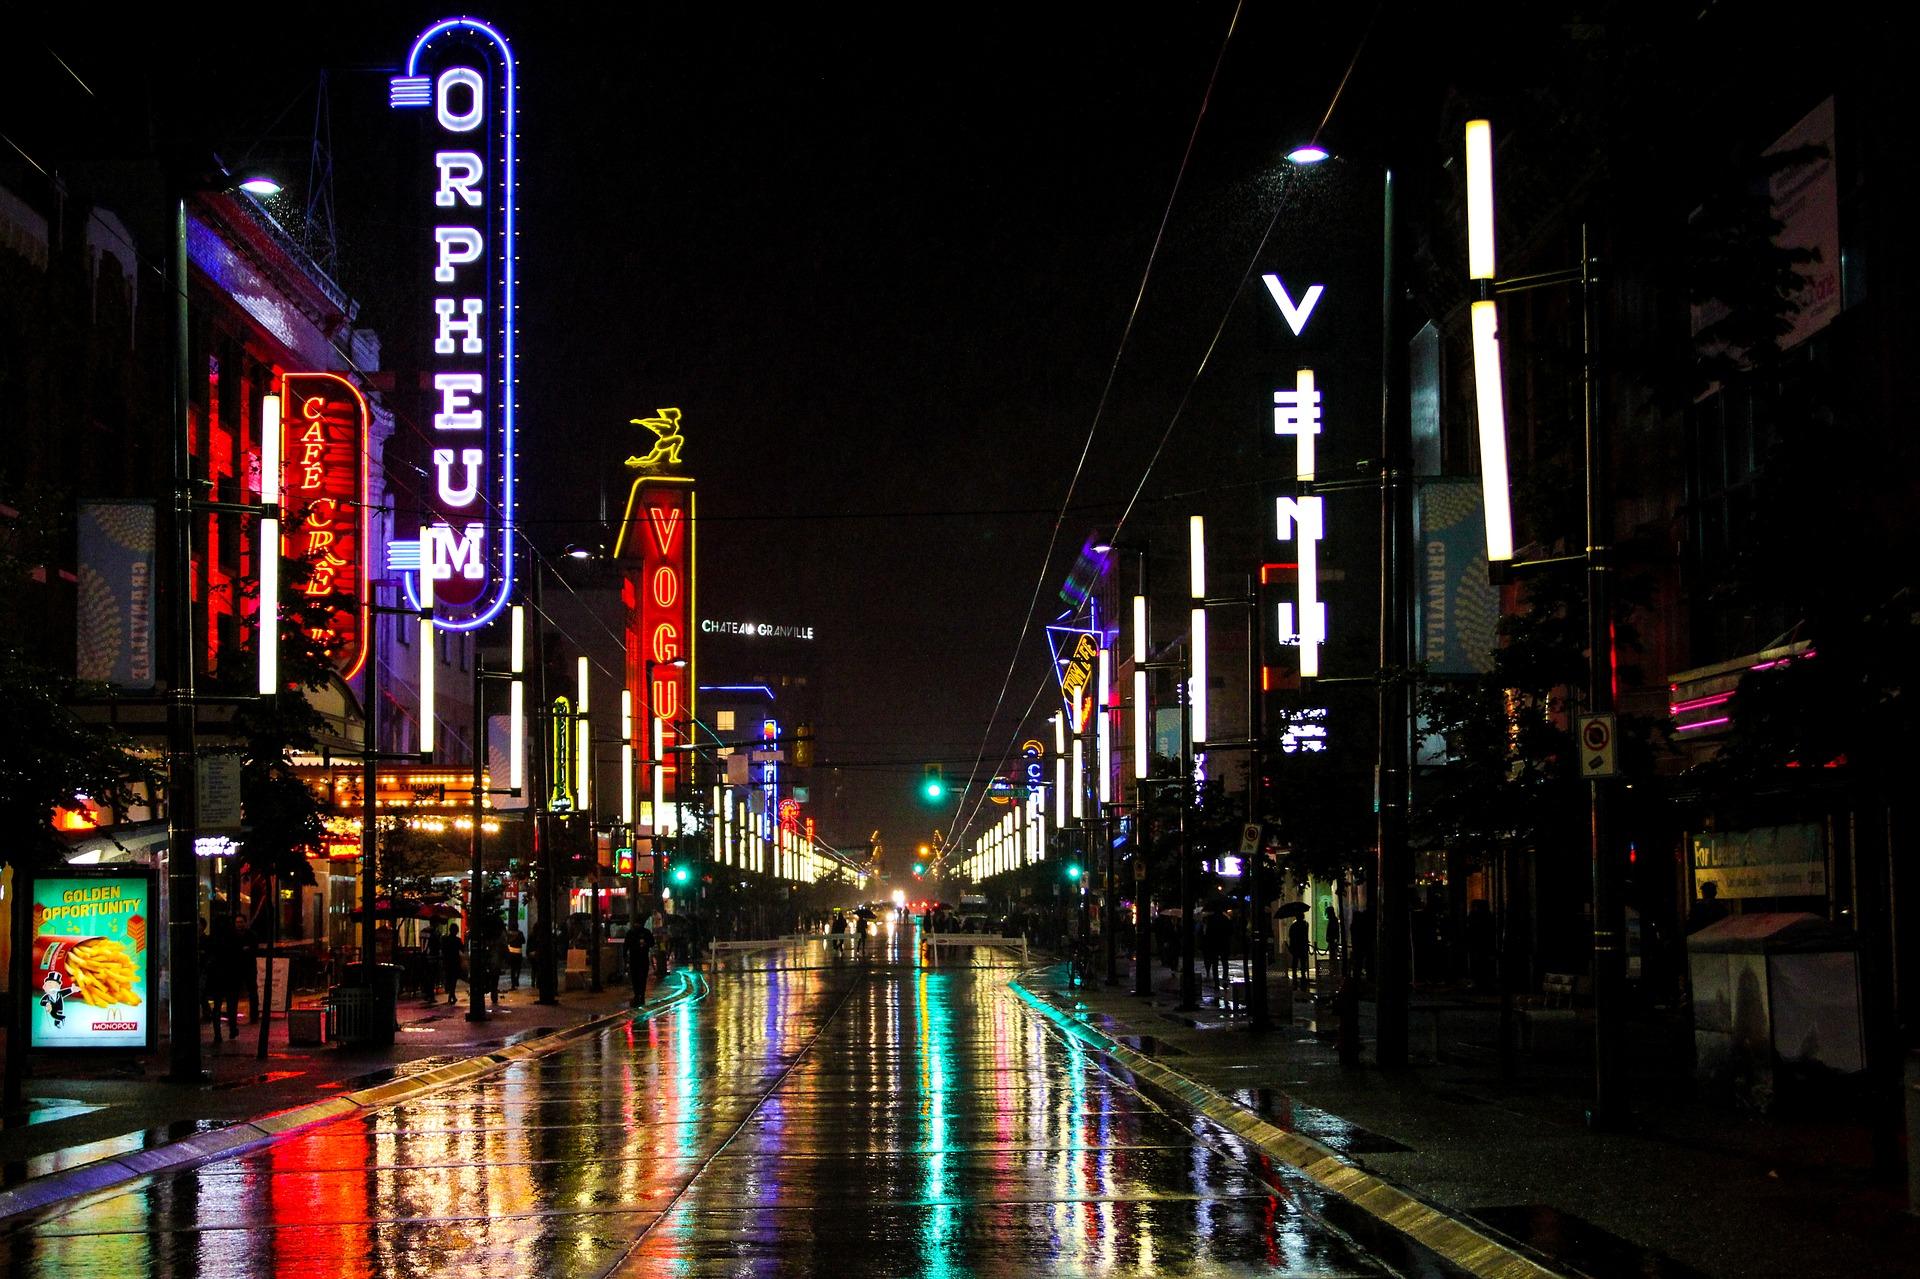 Granville Street - Vancouver par Jerry Coli de Pixabay